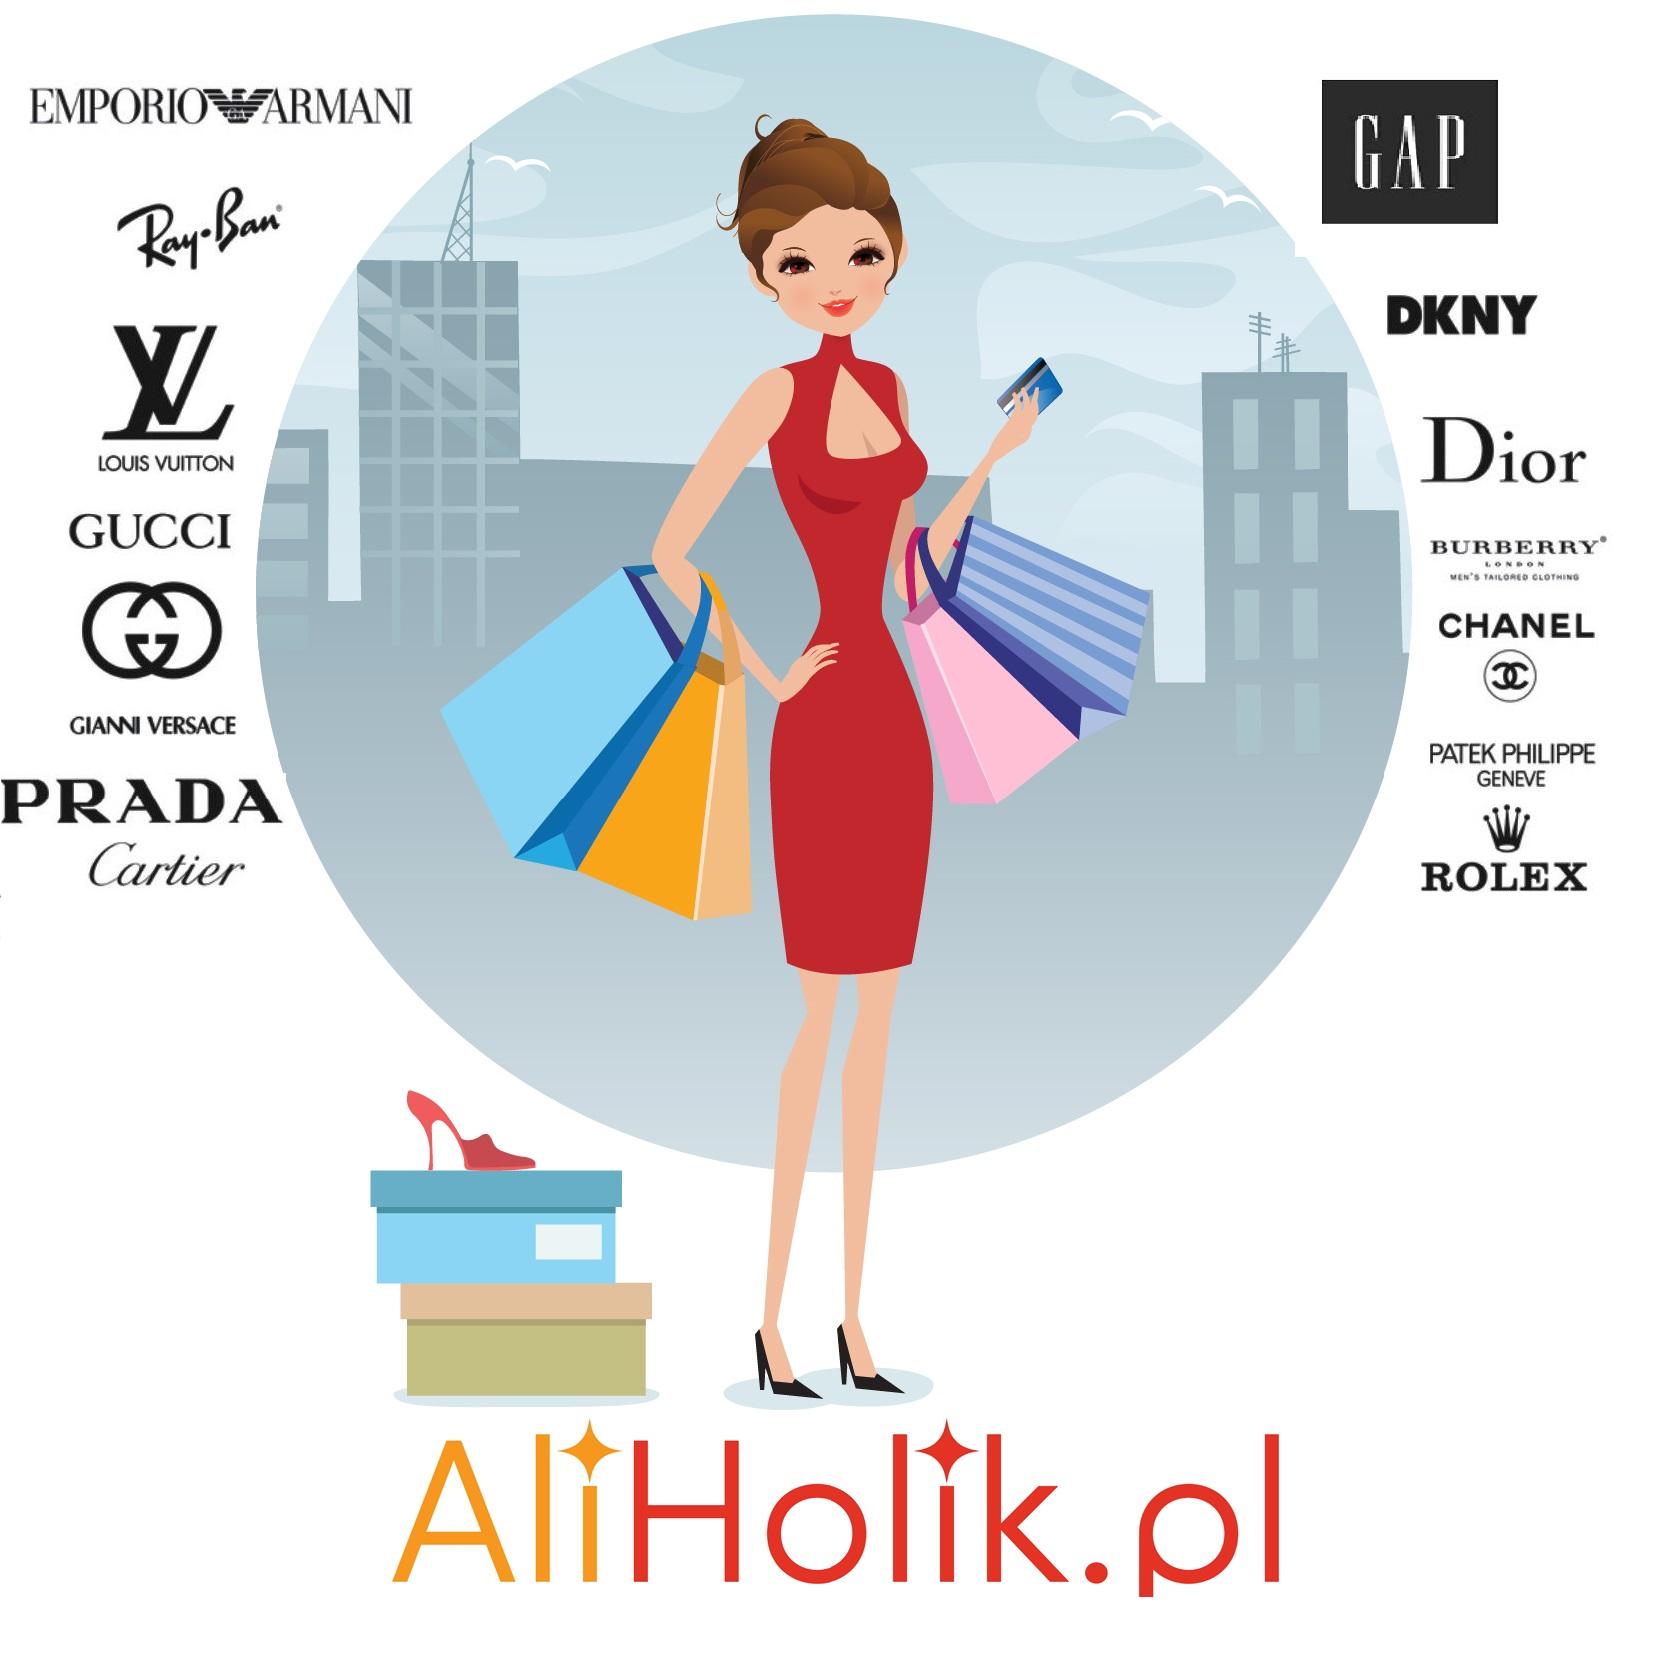 Jak wyszukiwać znane marki na Aliexpress - Aliholik.pl